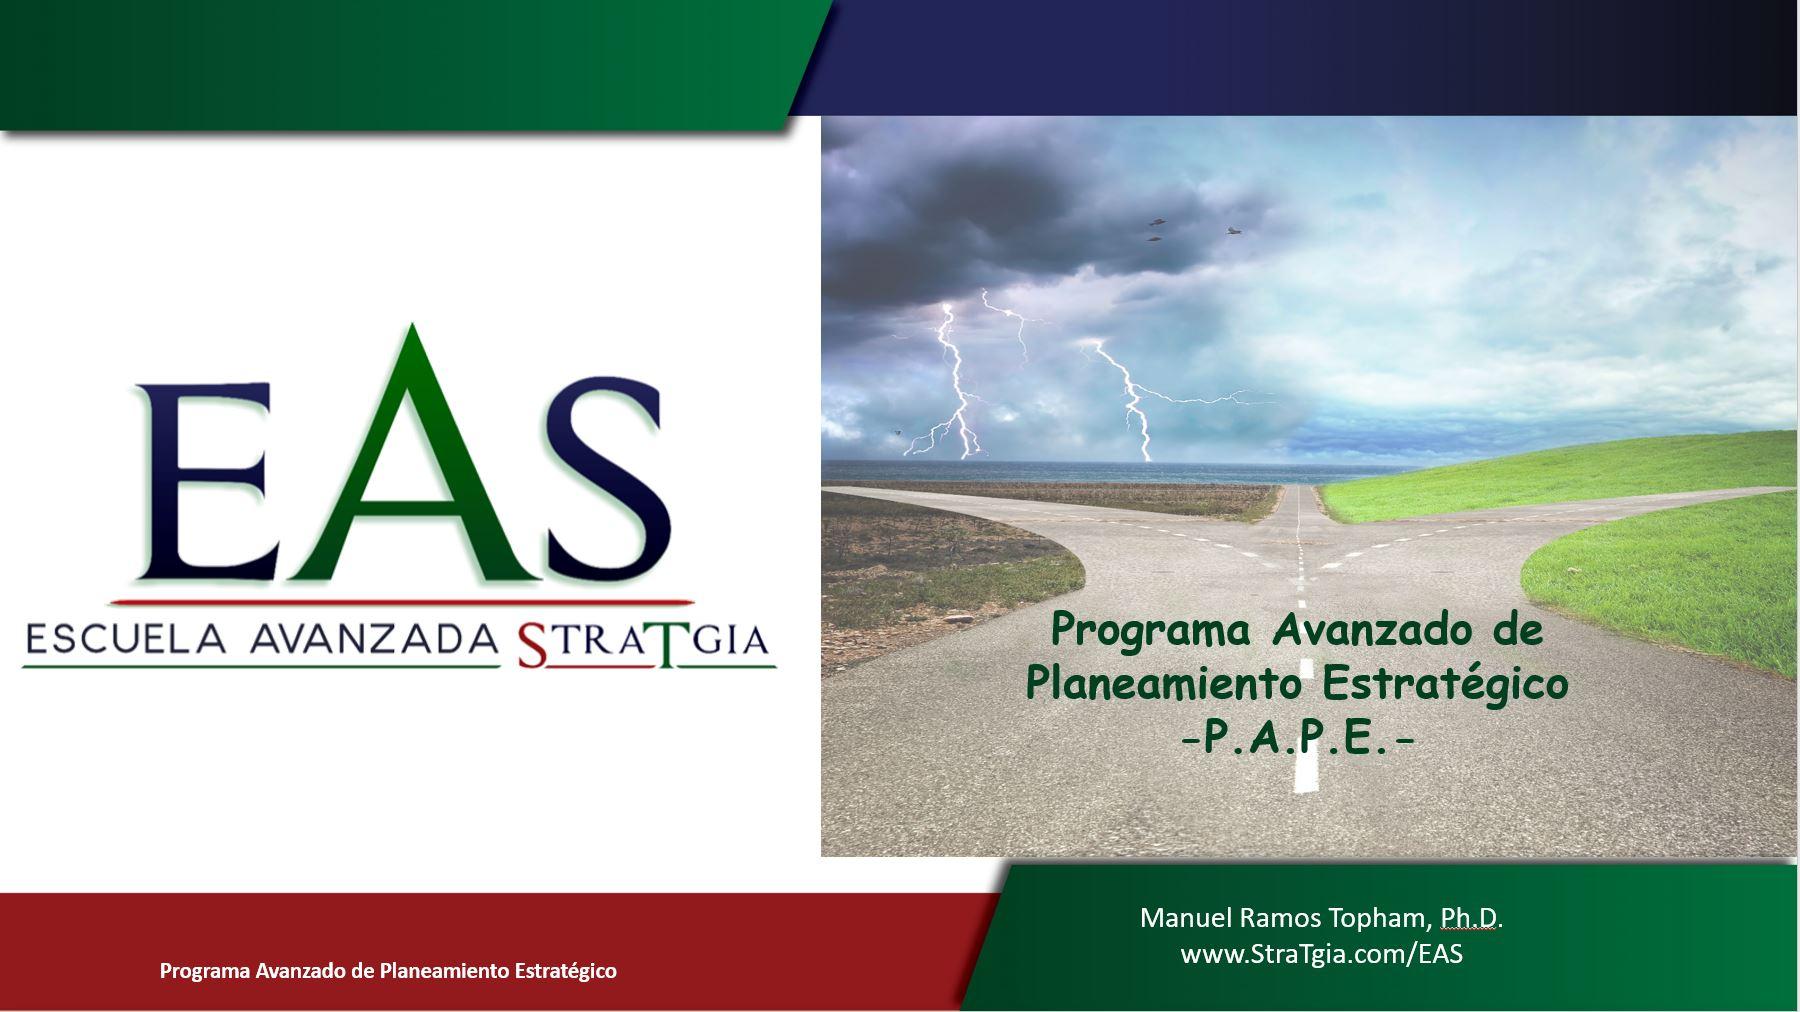 Programa Avanzado de Planeamiento Estratégico